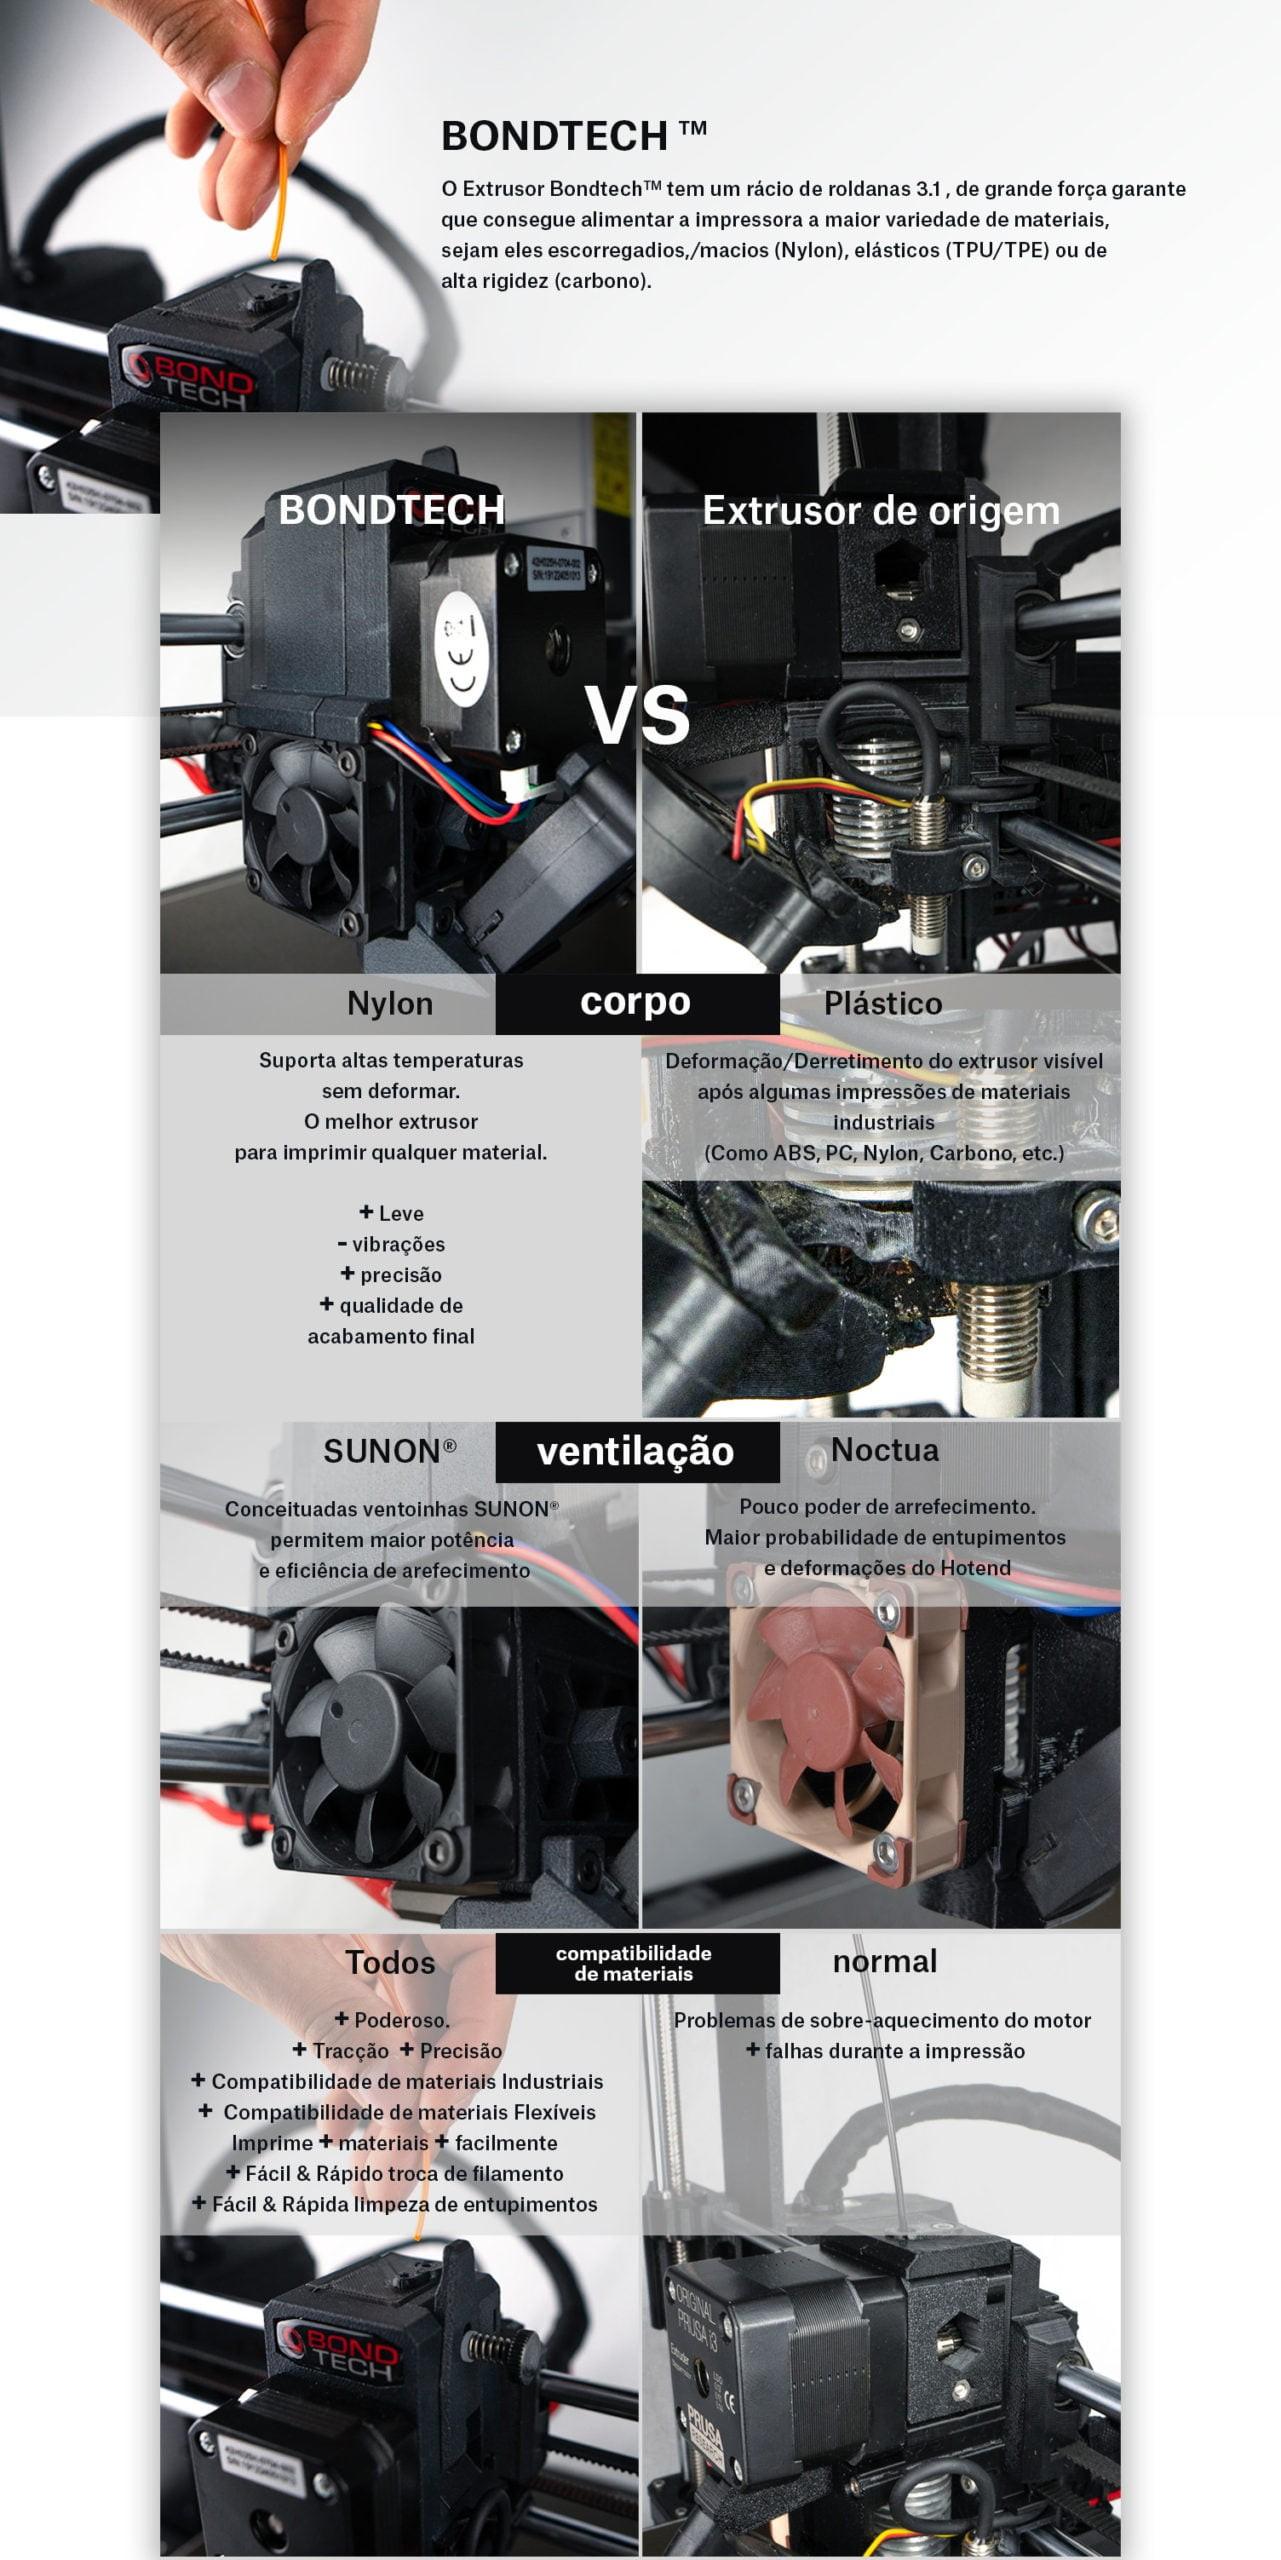 Comparacao de Extrusor Bondtech com Extrusor original da Prusa